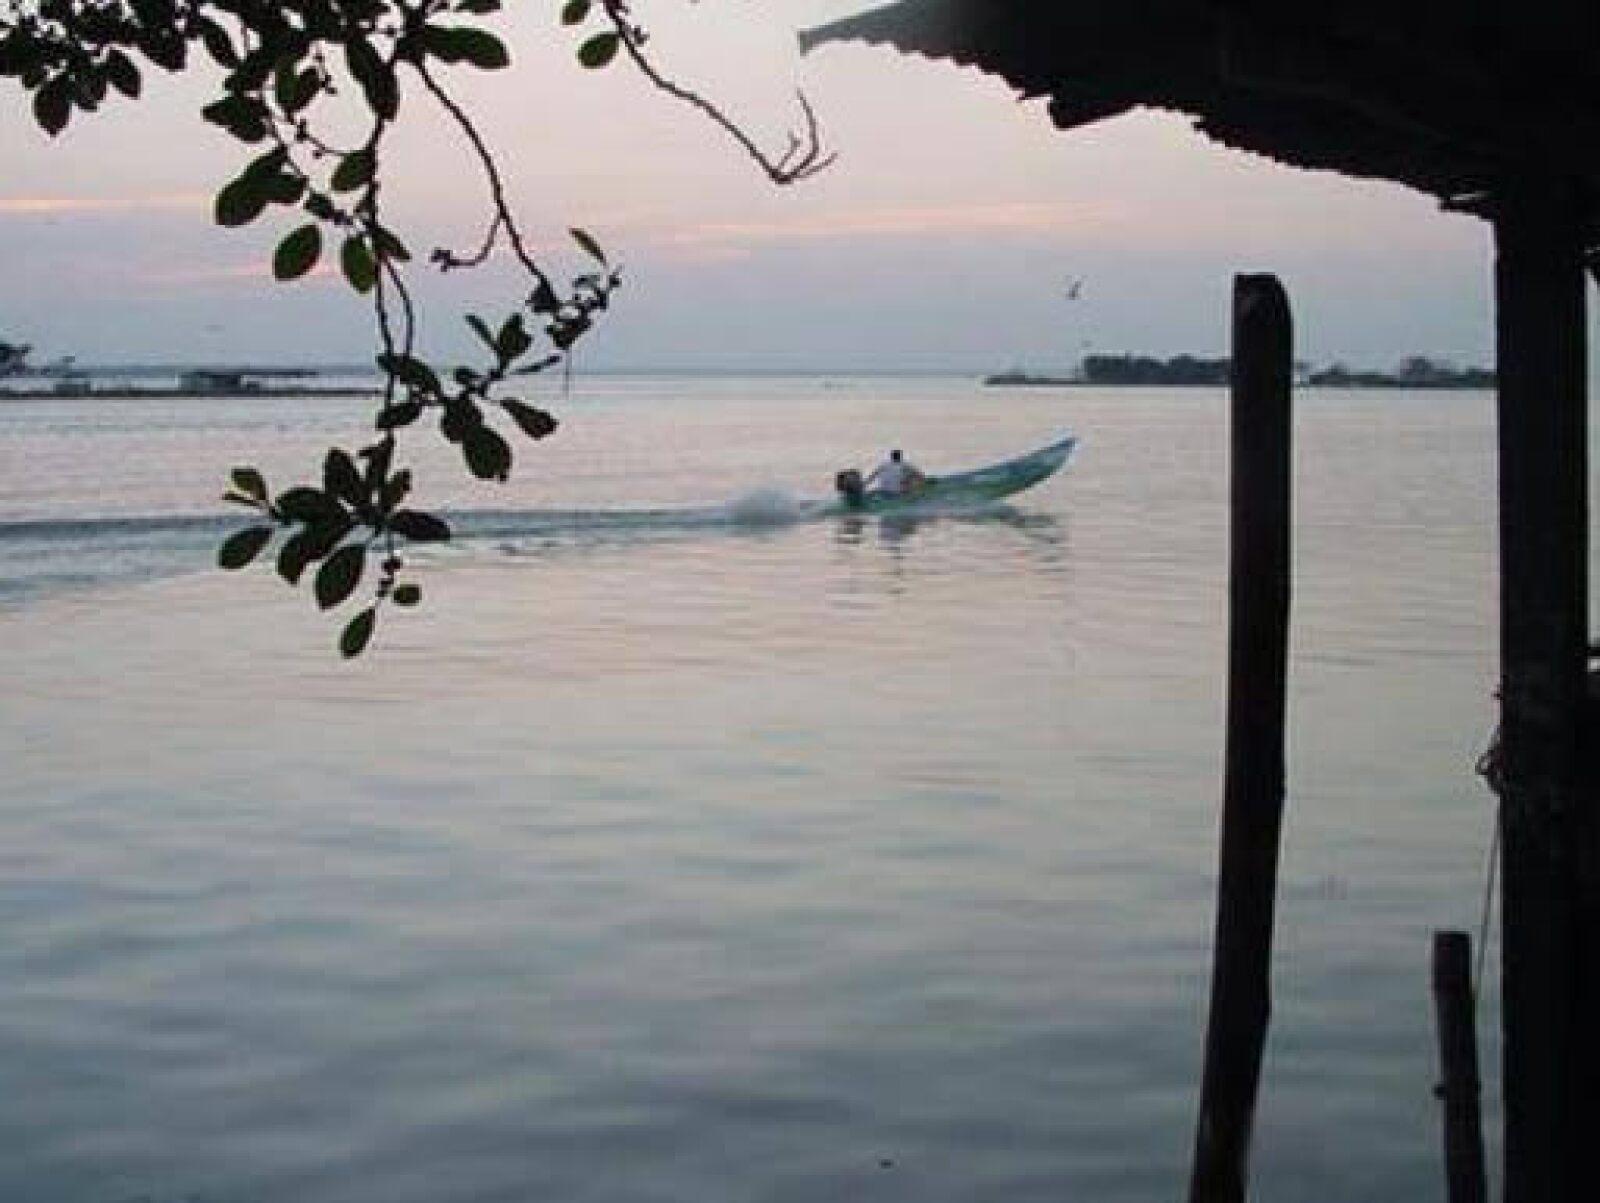 Disfruta de la tranquilidad del río Papaloapan en Cosamaloapan.